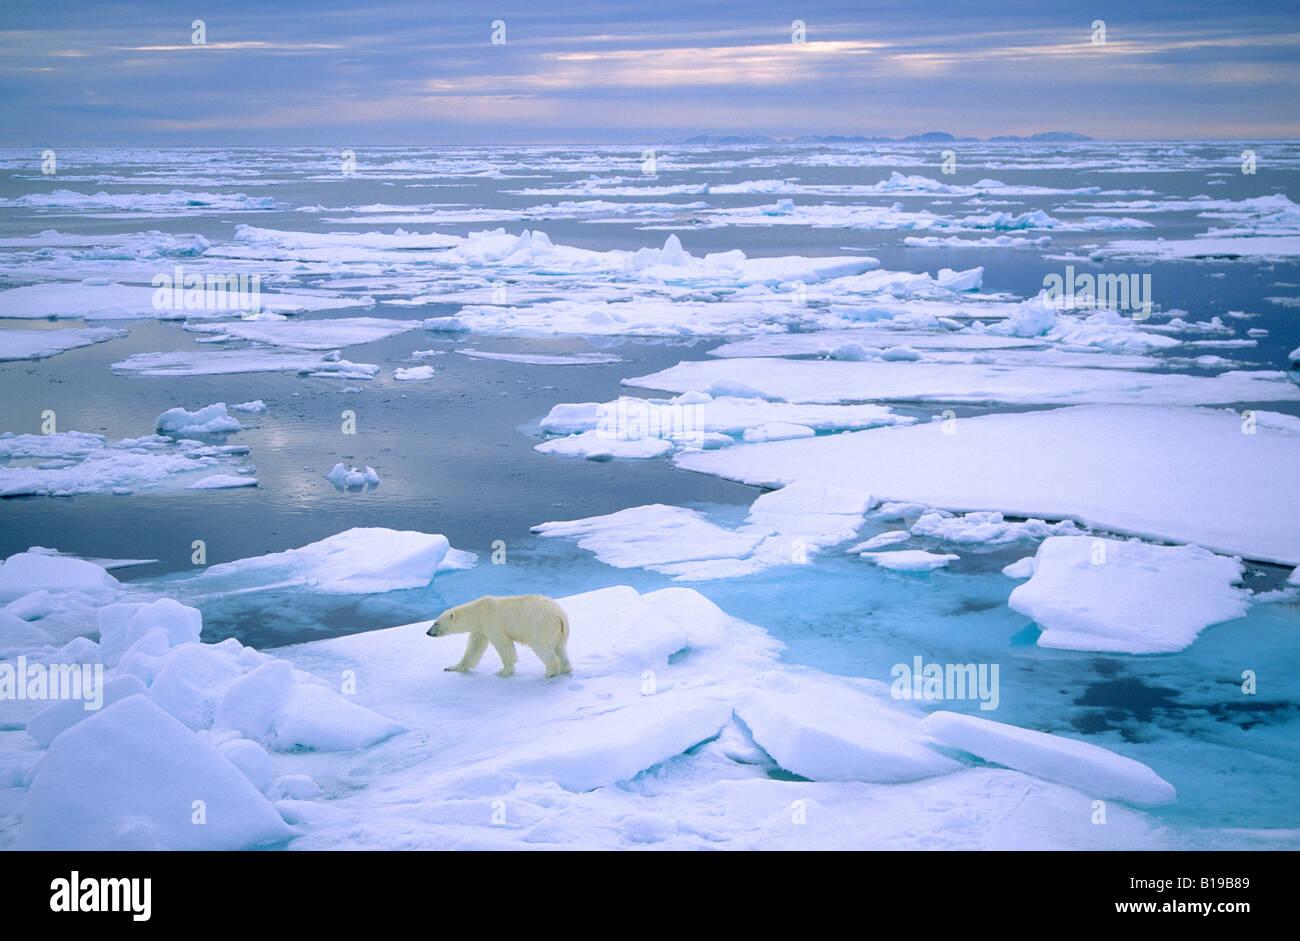 Des profils l'ours polaire (Ursus maritimus) la chasse sur la banquise. Svalbard, Norvège. Photo Stock